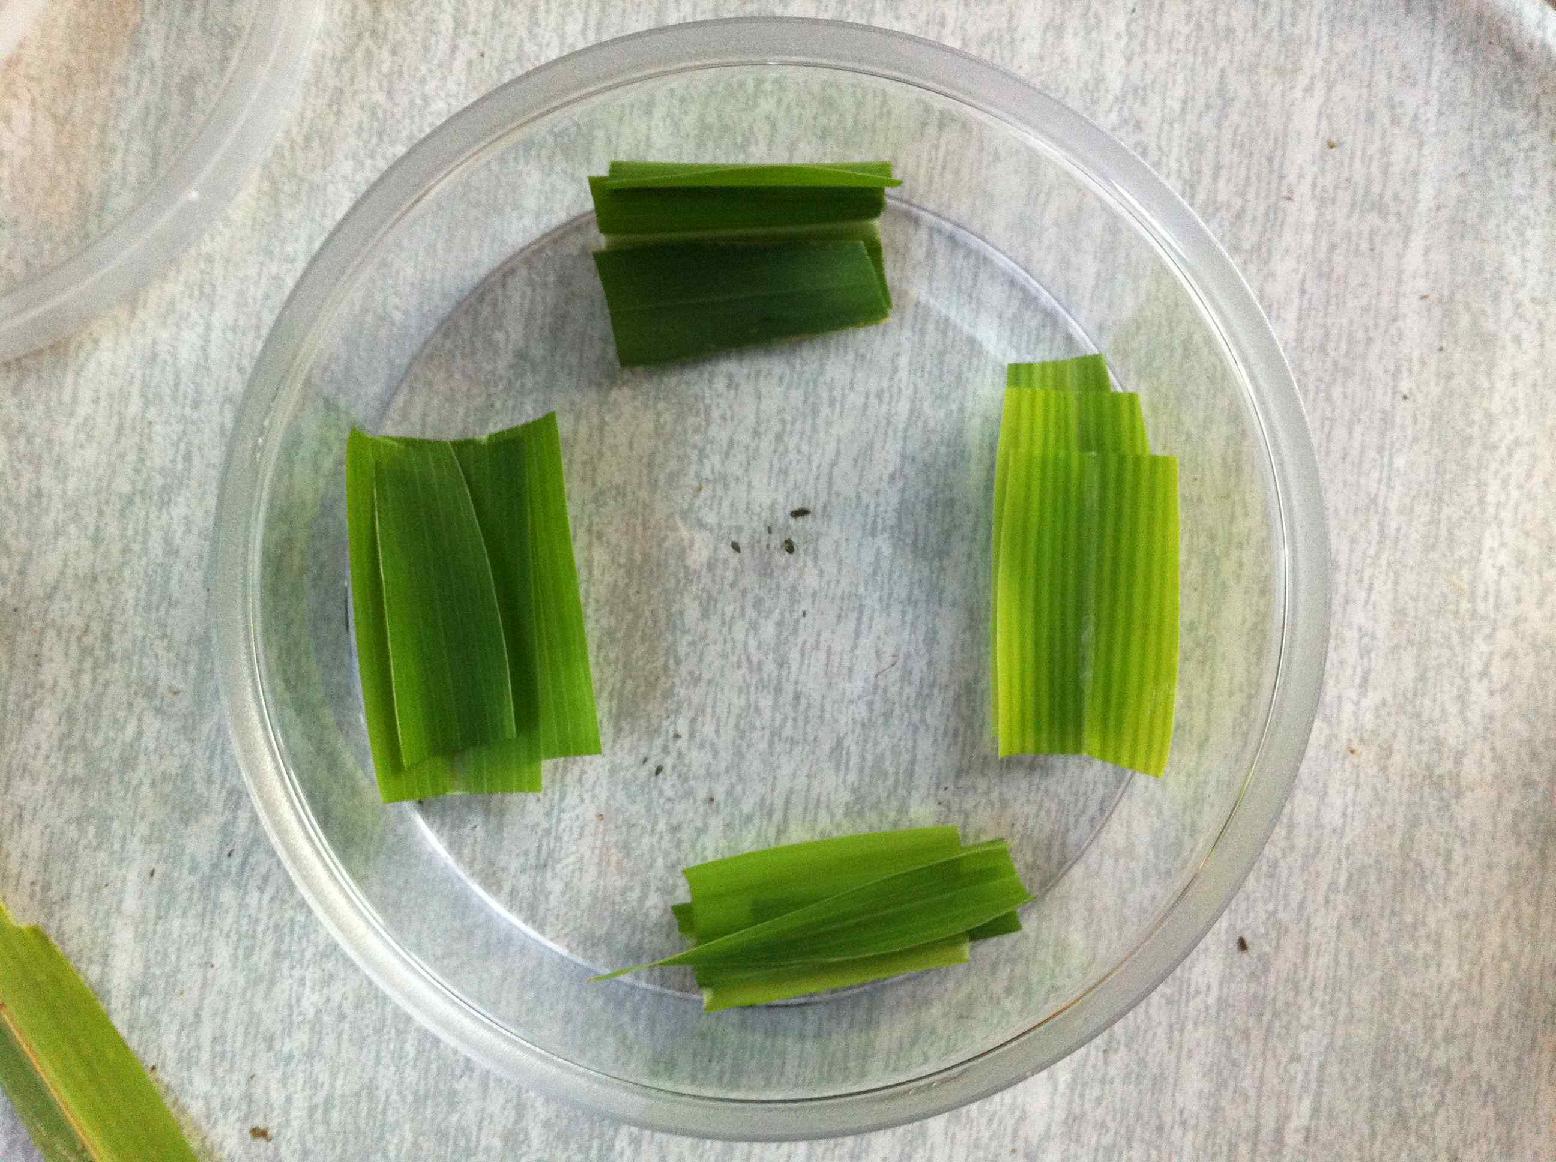 기장테두리진딧물의 옥수수 4종에 대한 기주선호도